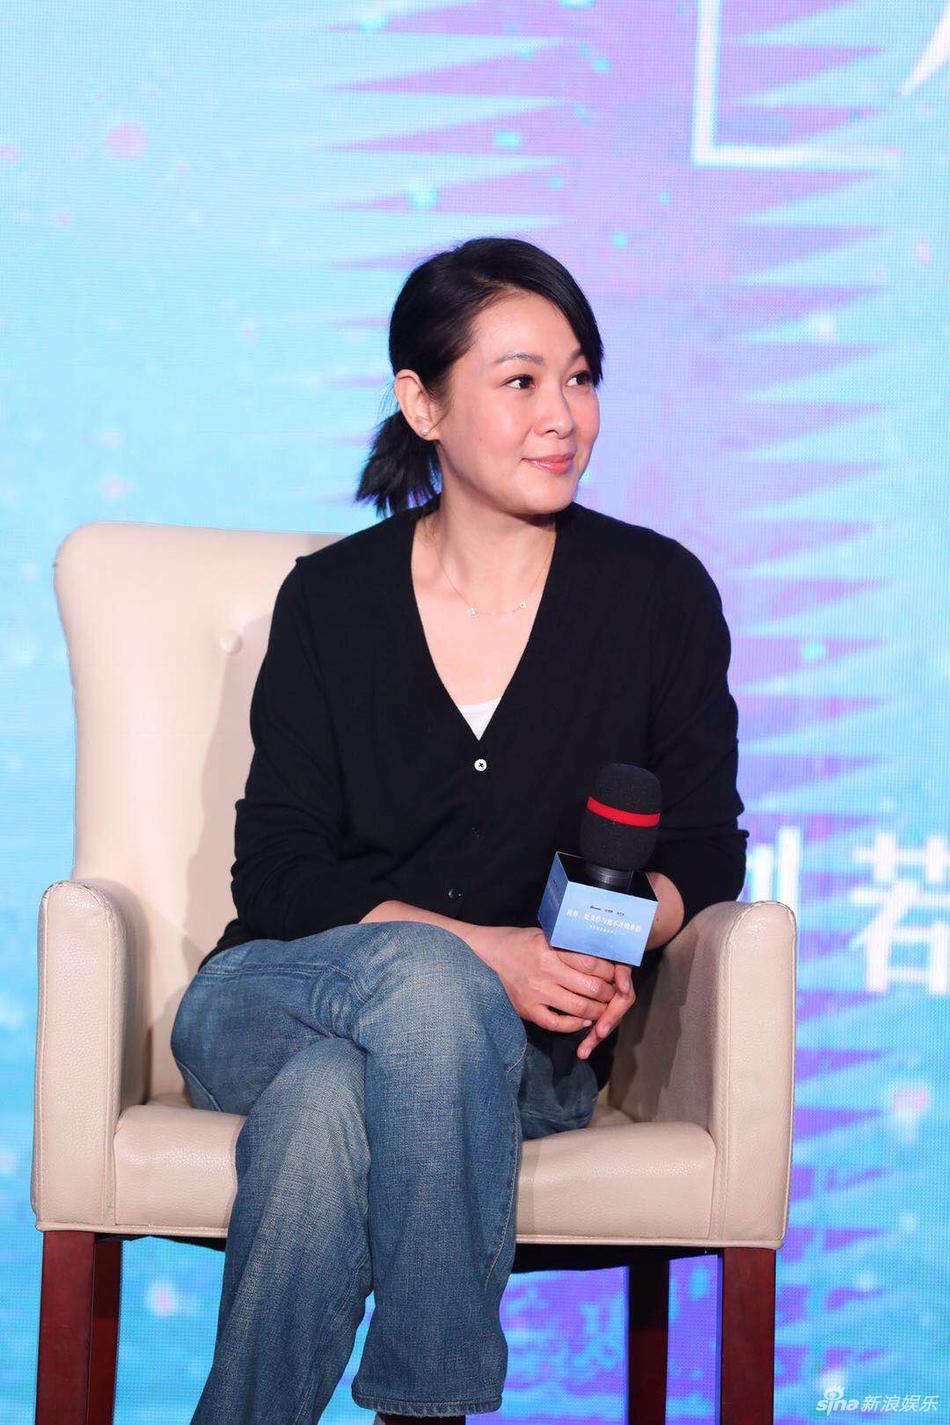 刘若英清新亮相新浪潮论坛 回应退票风波望关注电影